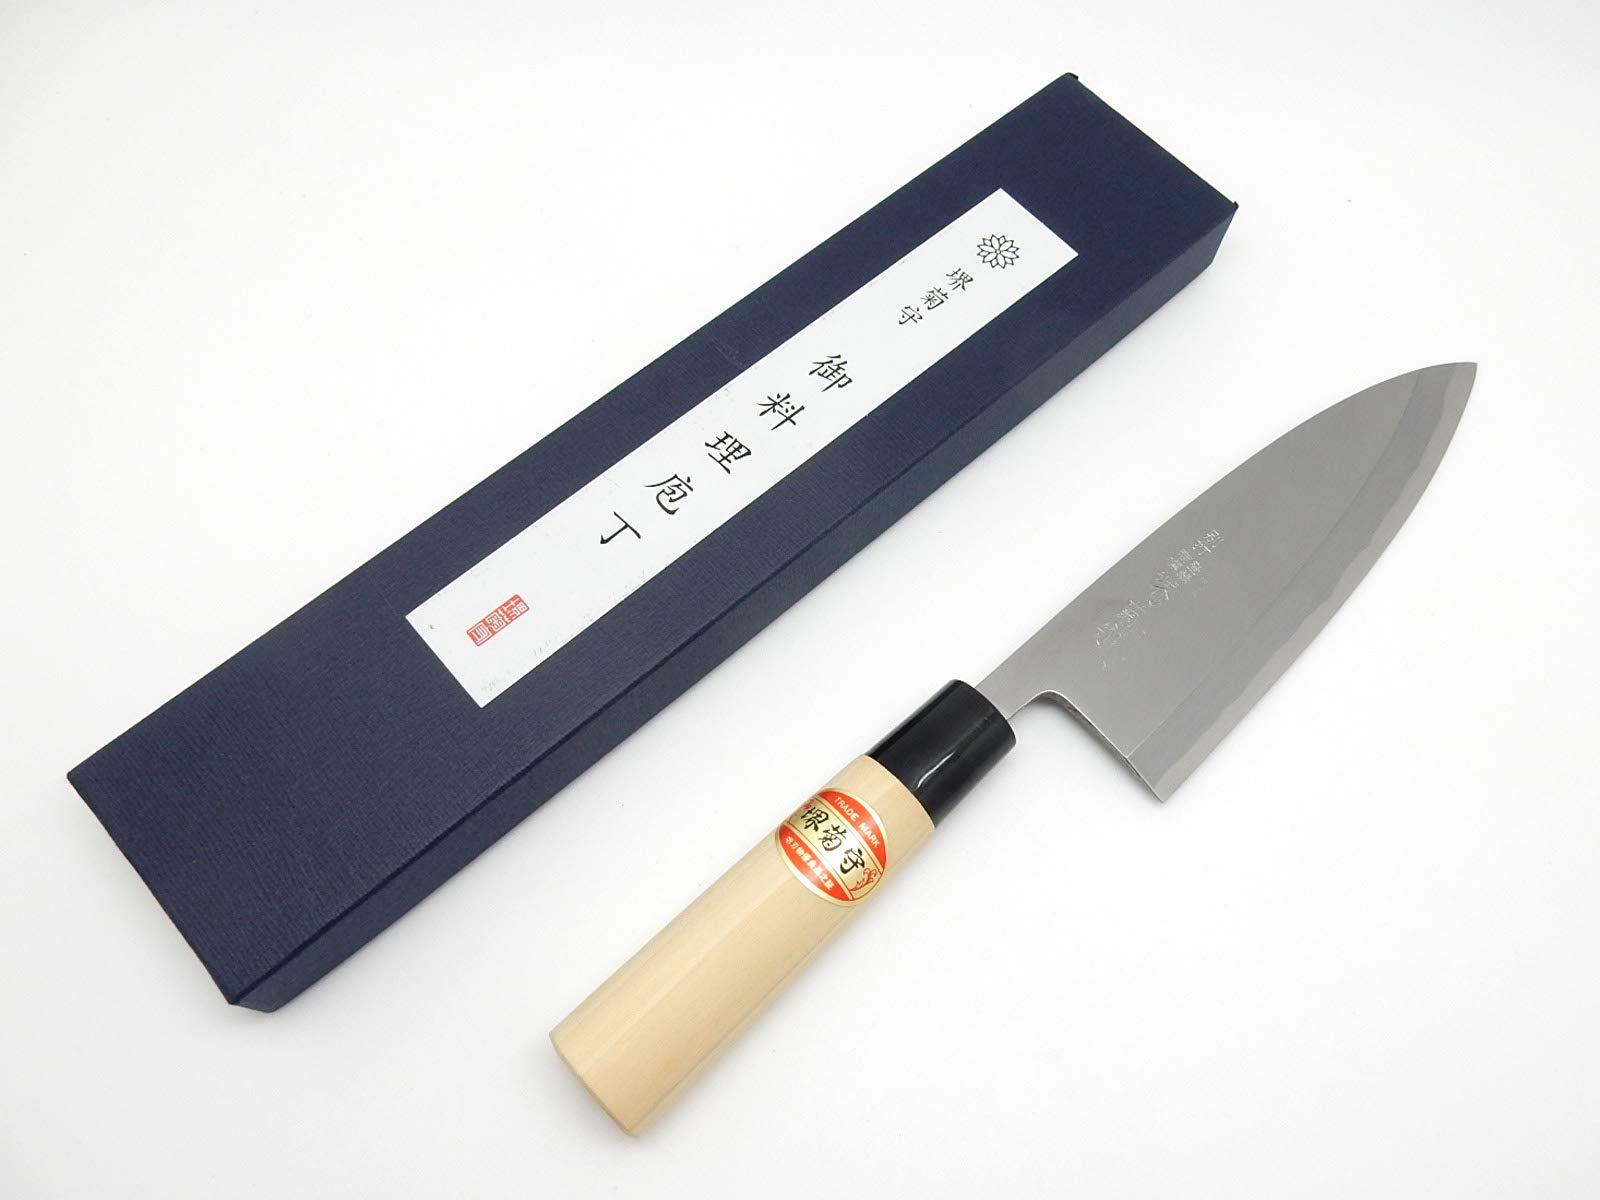 SAKAI KIKUMORI Yasuki White Steel,Kasumi Professional Deba Knife (165mm/6.5'') by SAKAI KIKUMORI (Image #8)